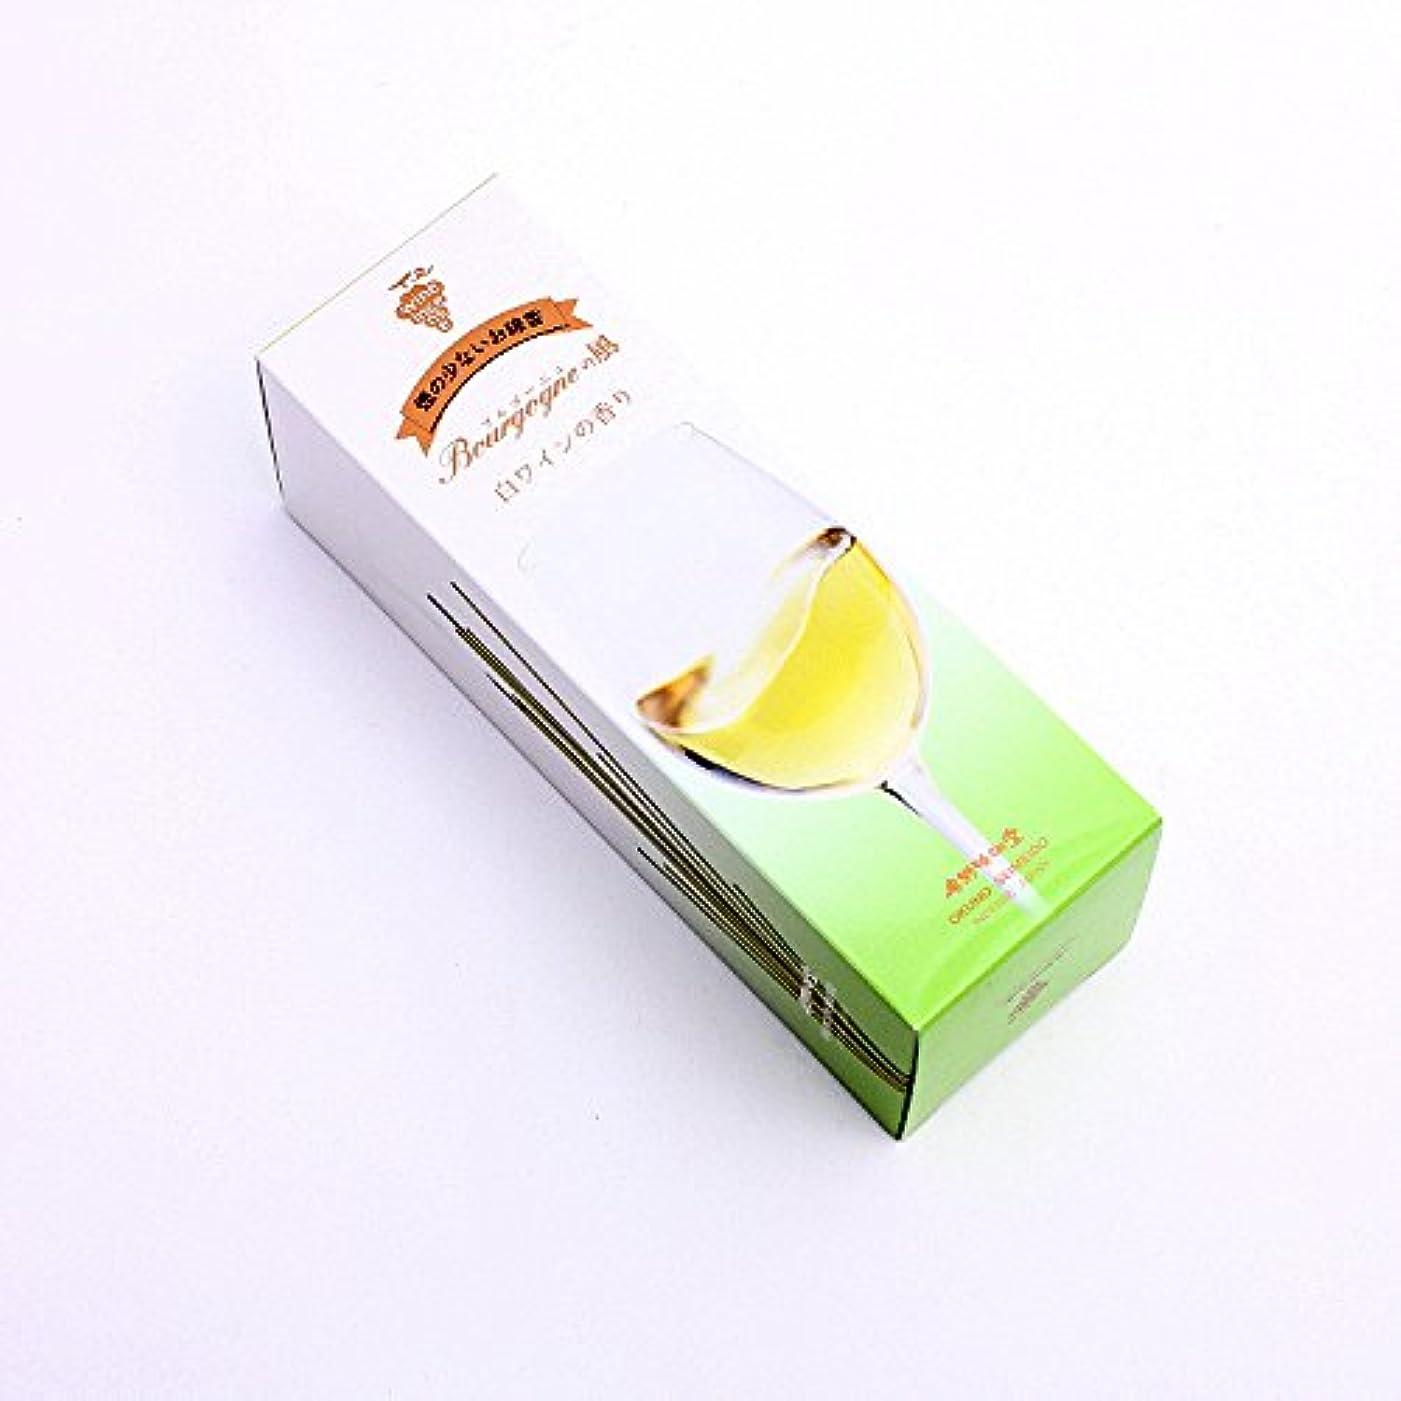 器用ステートメント受動的ワインの香りのお線香 奥野晴明堂 Bourgogne(ブルゴーニュ)の風 白ワインの香り 筒型1本入り 28-2 微煙タイプ